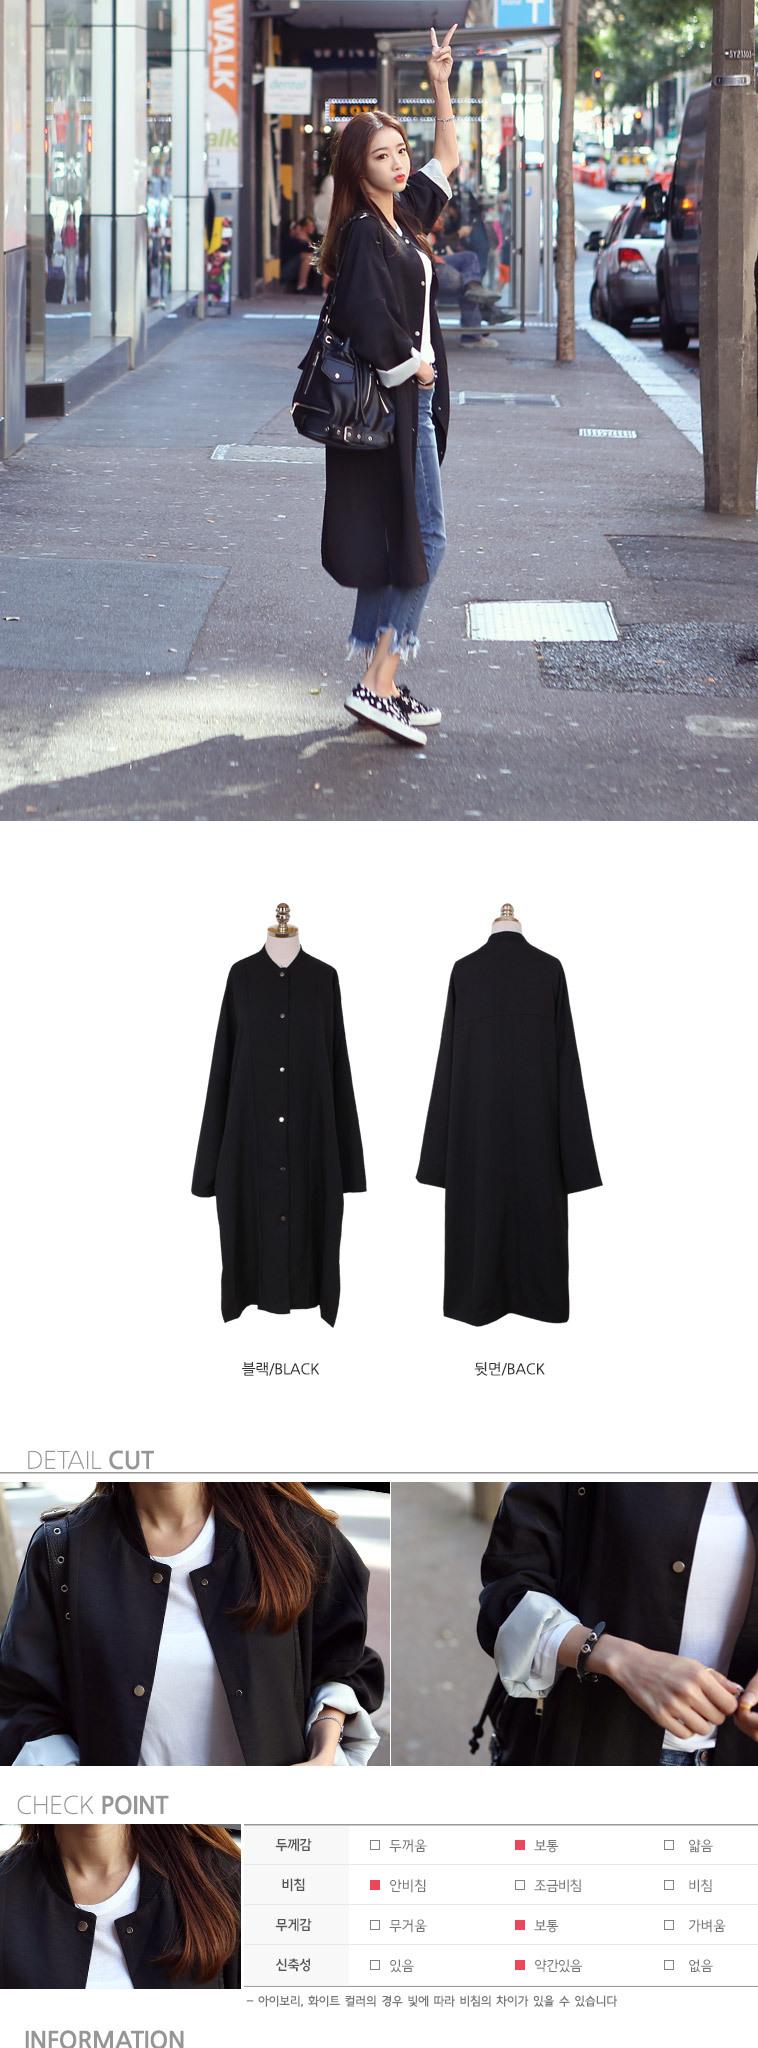 [마이컬러] 블랙 맨투맨/가디건 특가 - 상세정보